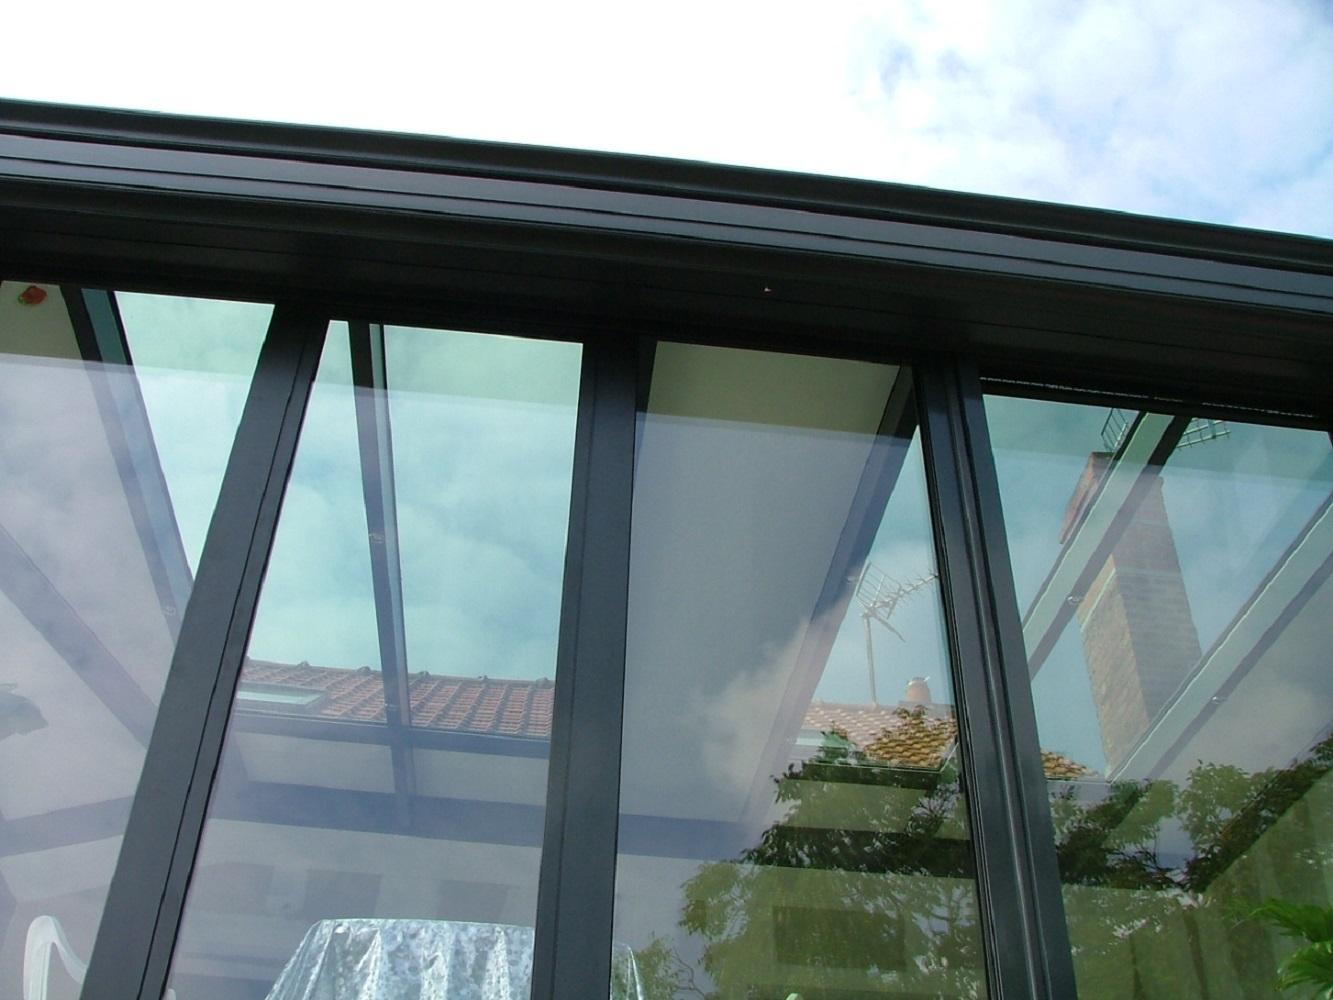 Veranda Bois Toit Plat - Véranda ossature bois toit plat